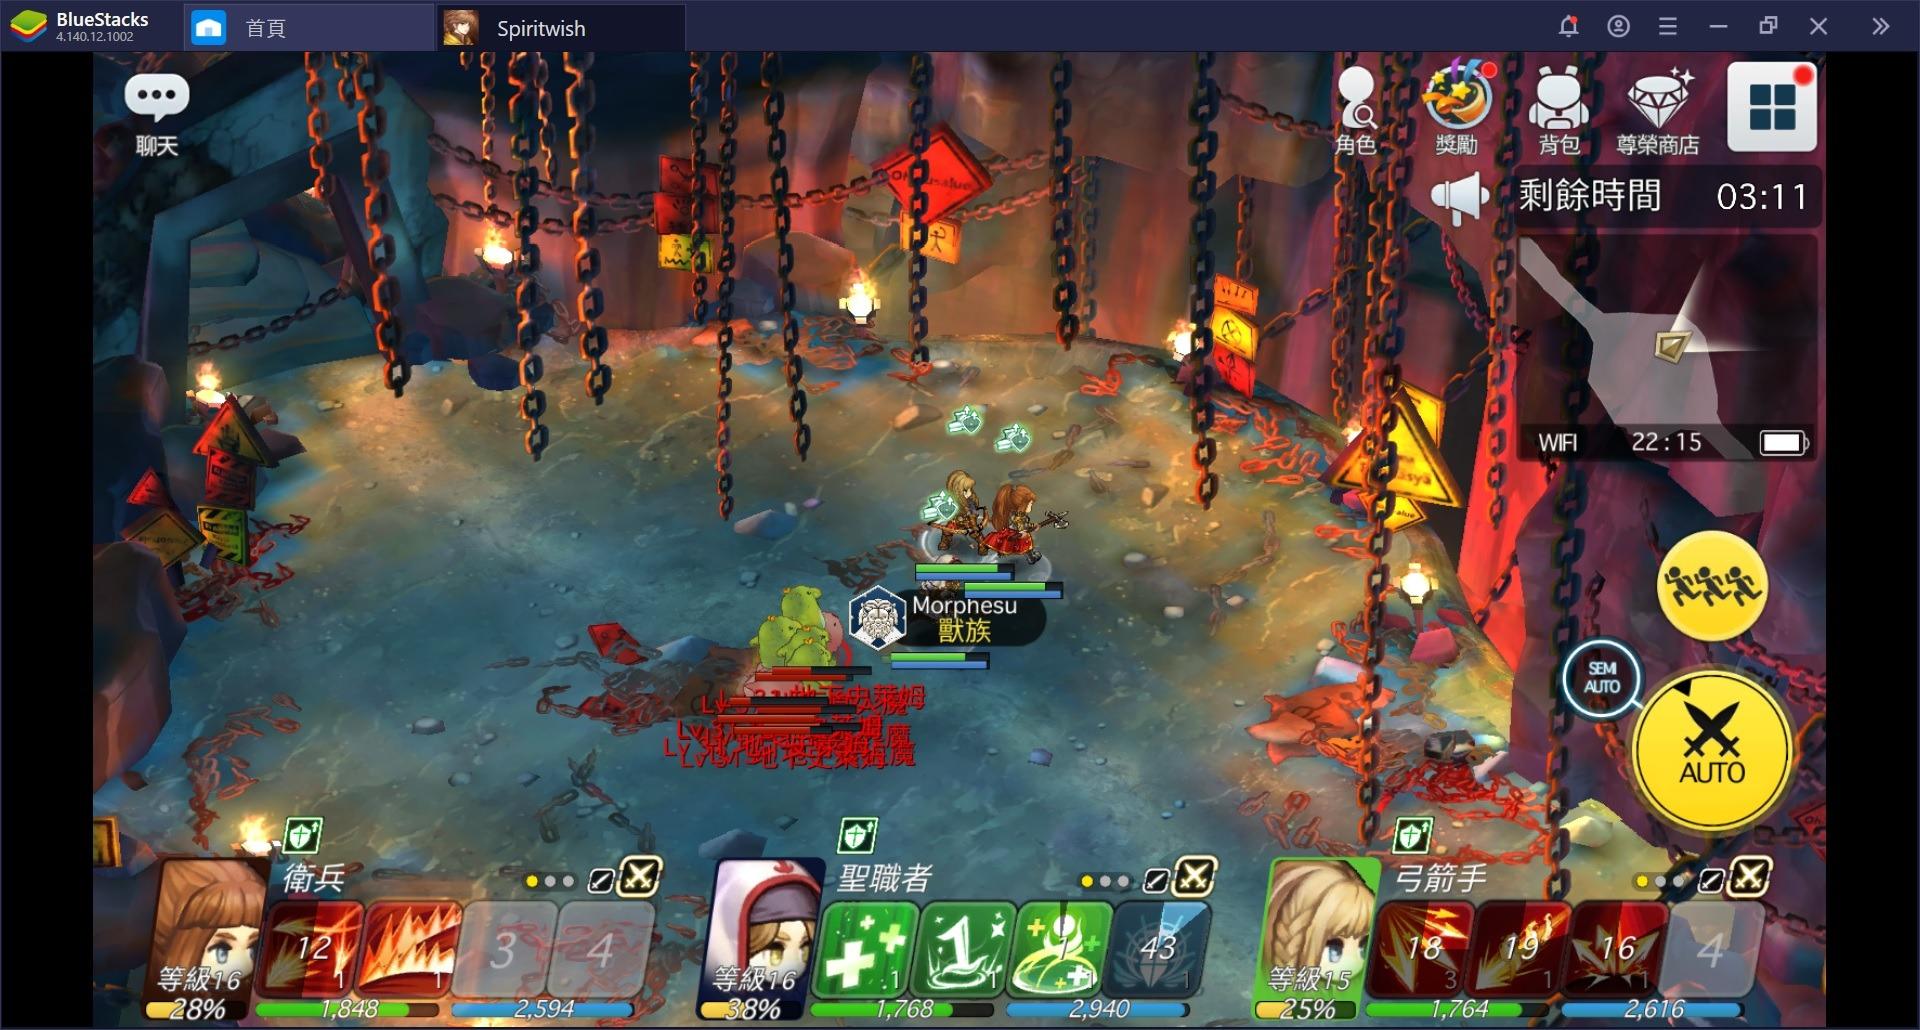 使用BlueStacks在電腦上體驗2D童話風MMORPG《精靈之望》